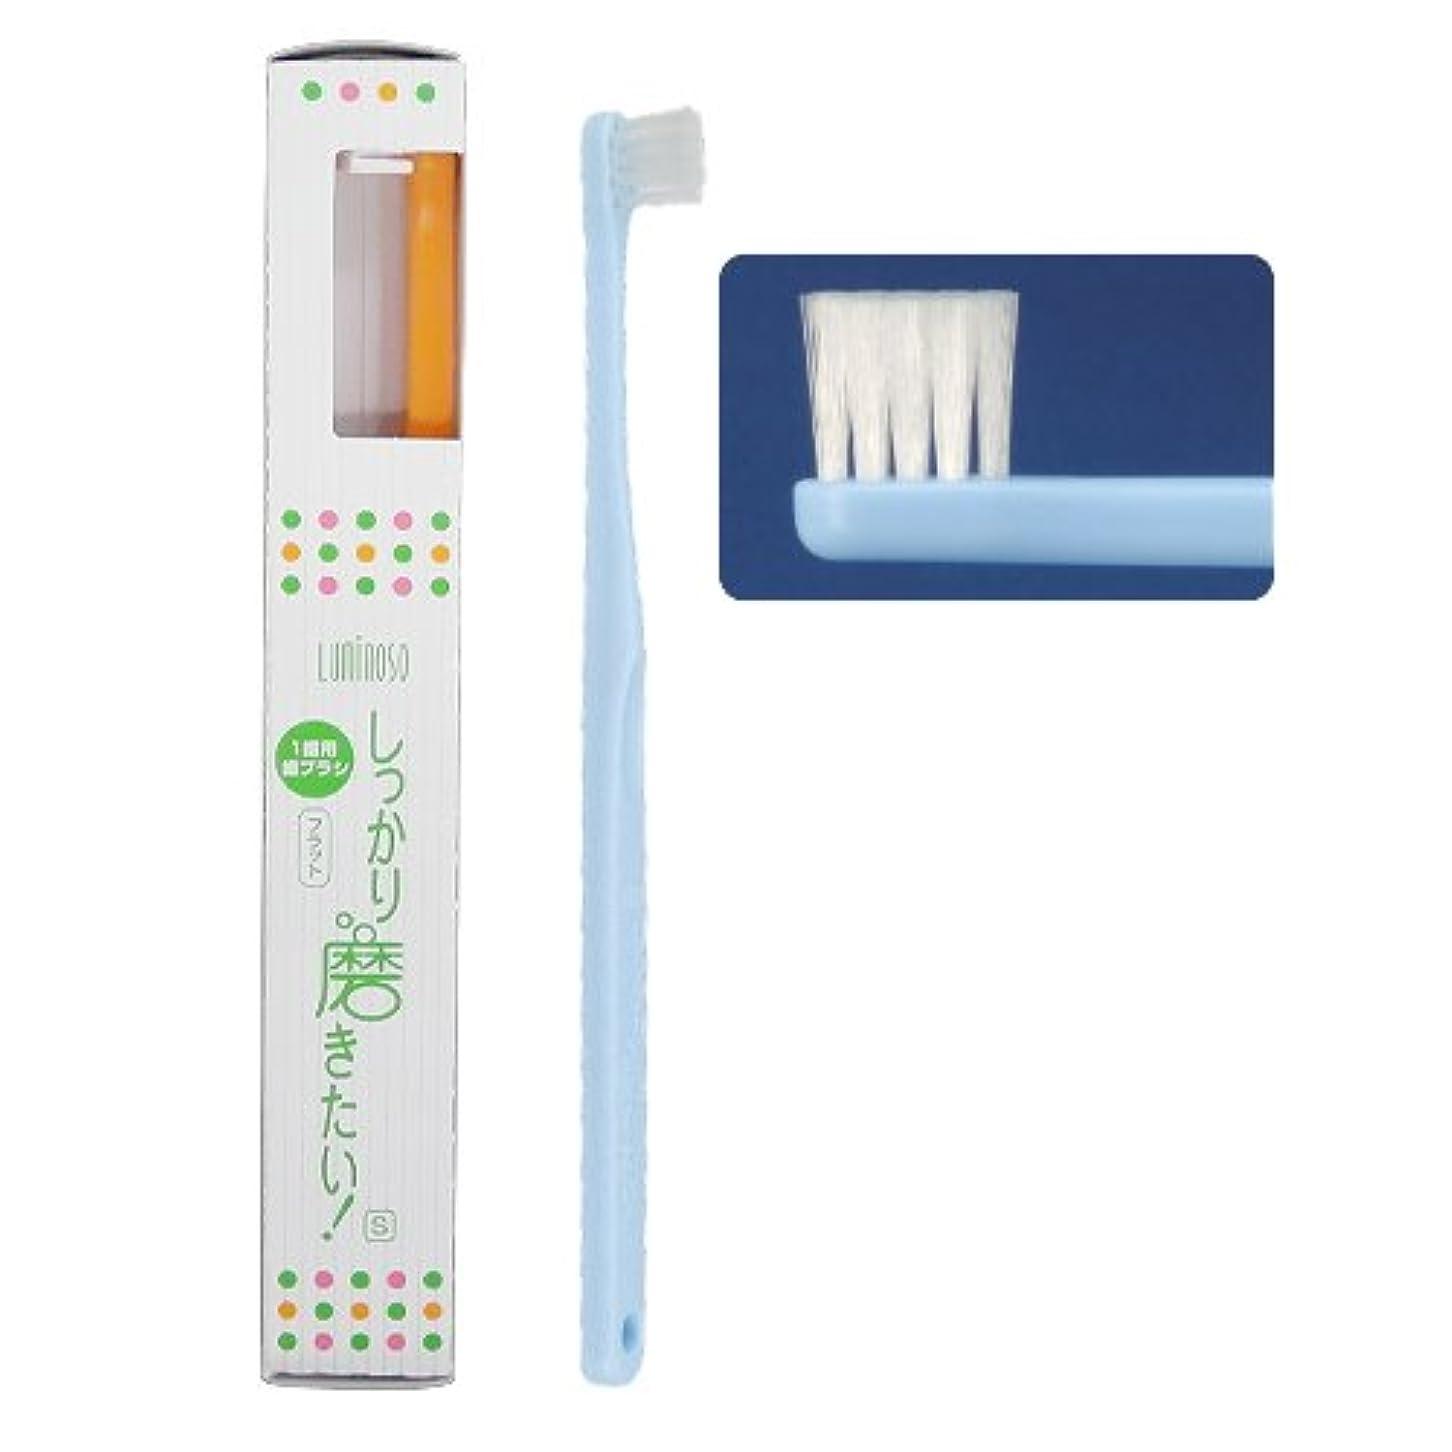 クラフト屋内サーバルミノソ 1歯用歯ブラシ 「しっかり磨きたい!」 フラット/ソフト